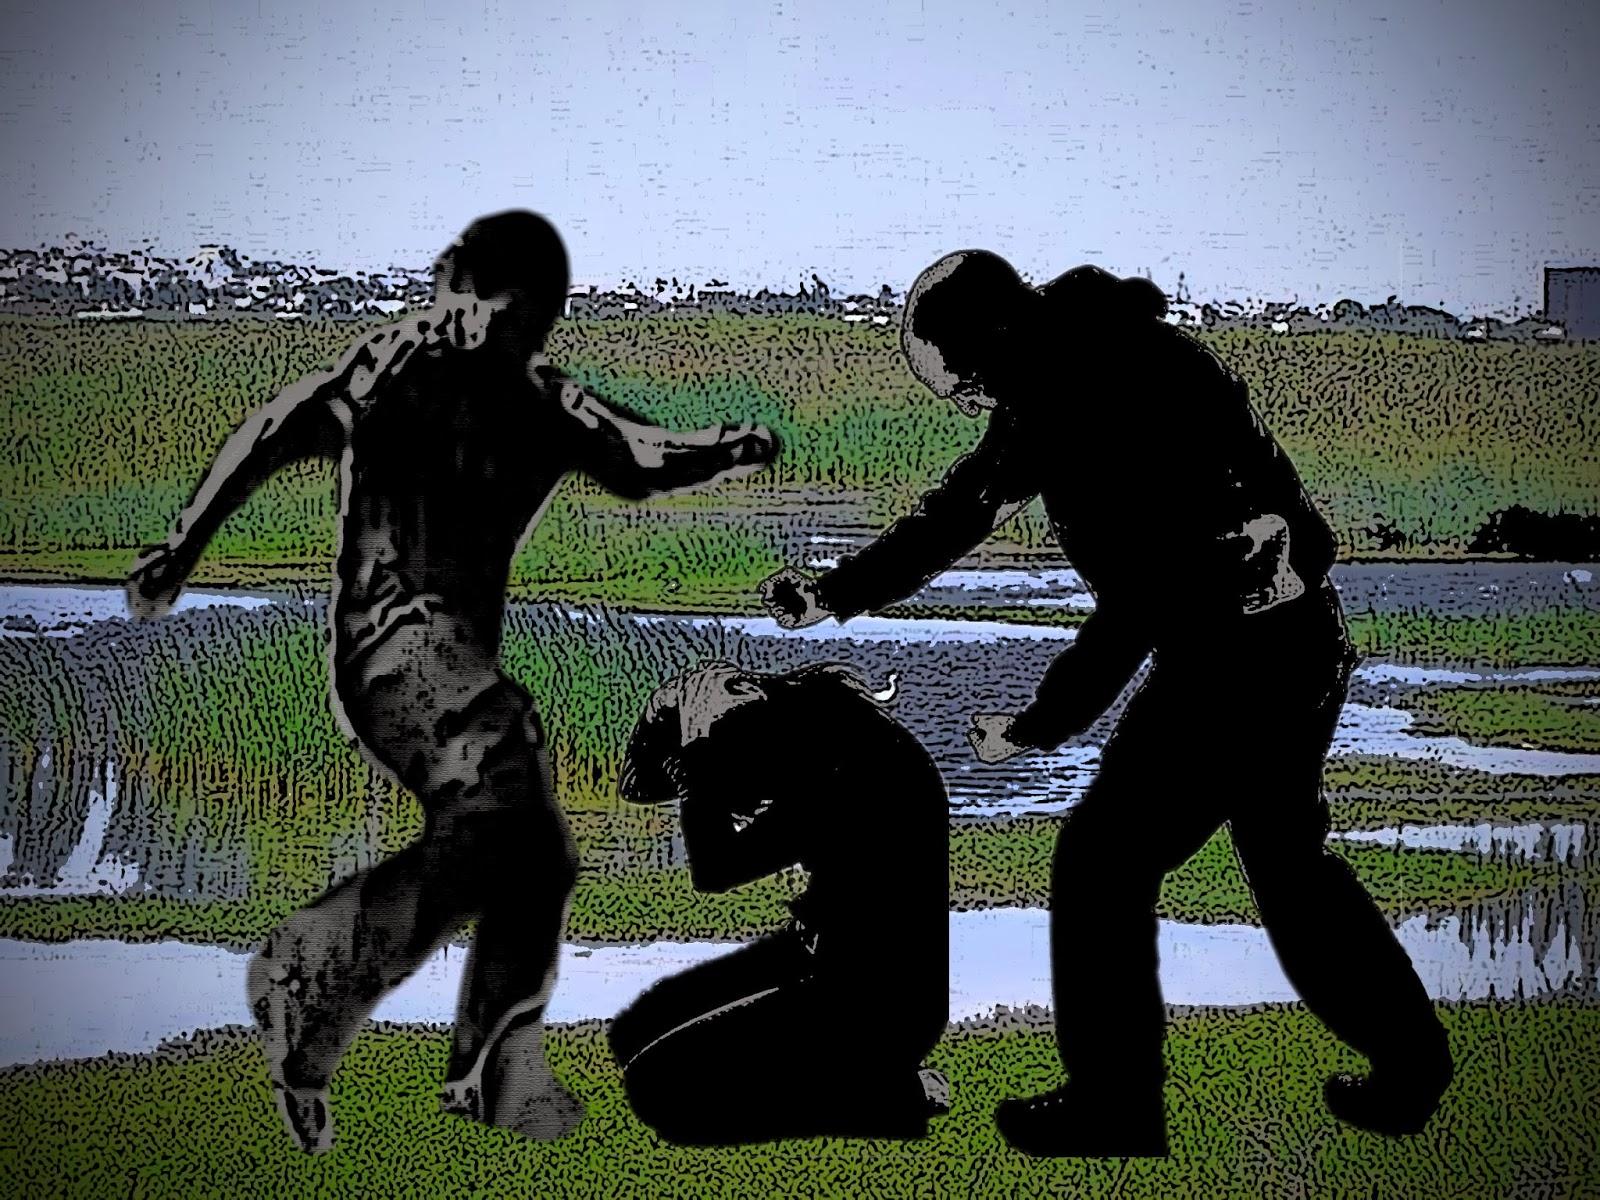 Tarrata y Pichuzo: Los violadores del pantano